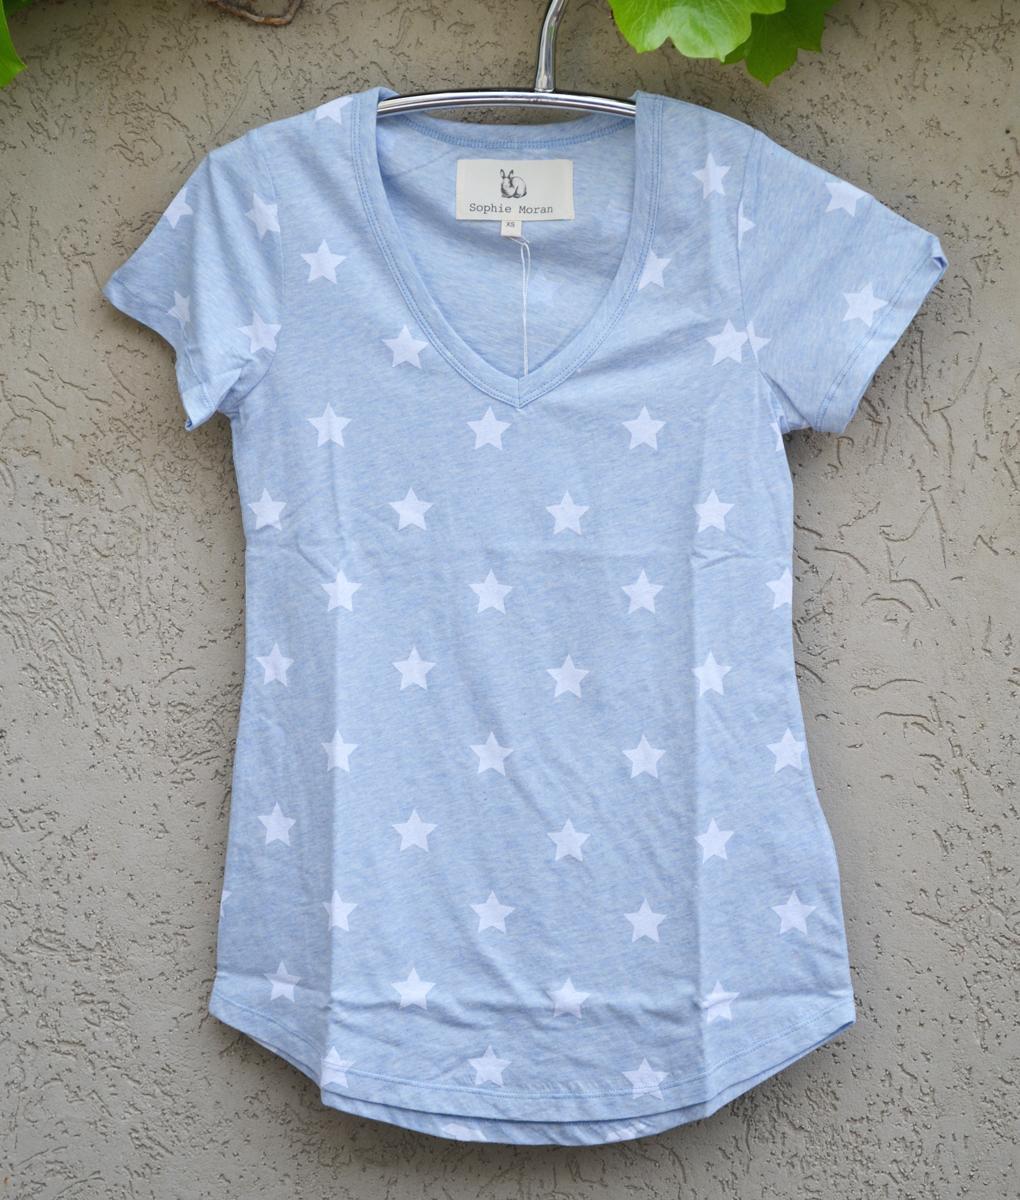 T'shirt powder blue white stars